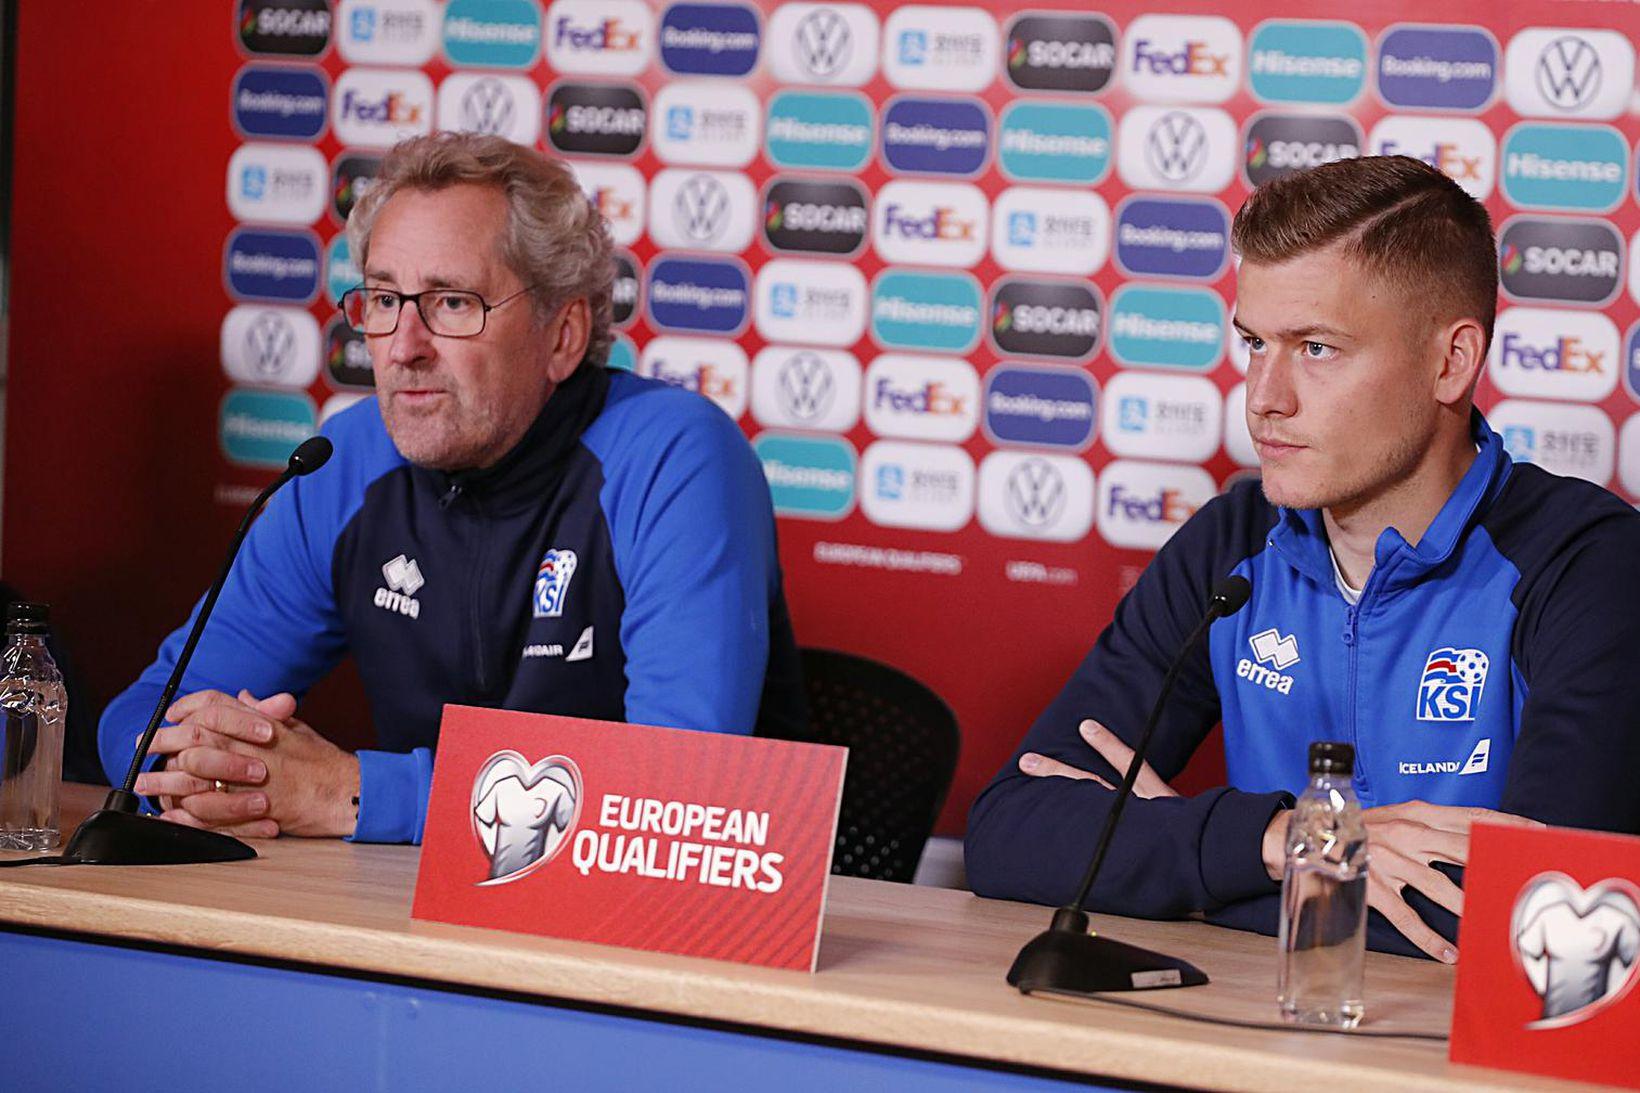 Alfreð Finnbogason og Erik Hamrén ræða málin á fréttamannafundi.